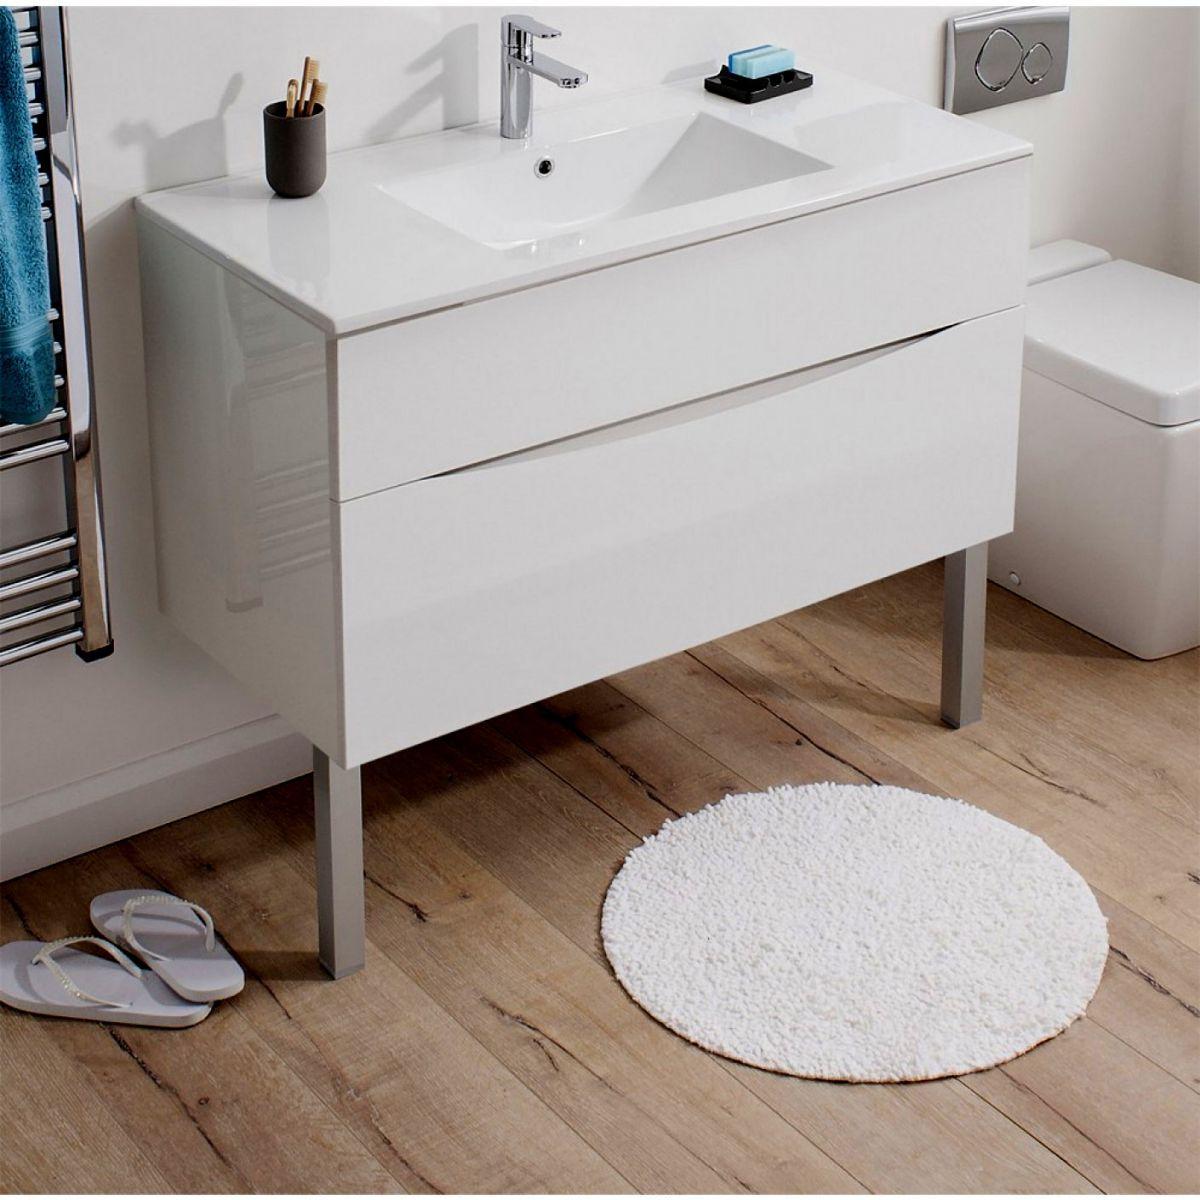 home bathroom furniture vanity units bauhaus glide ii floor support legs pair